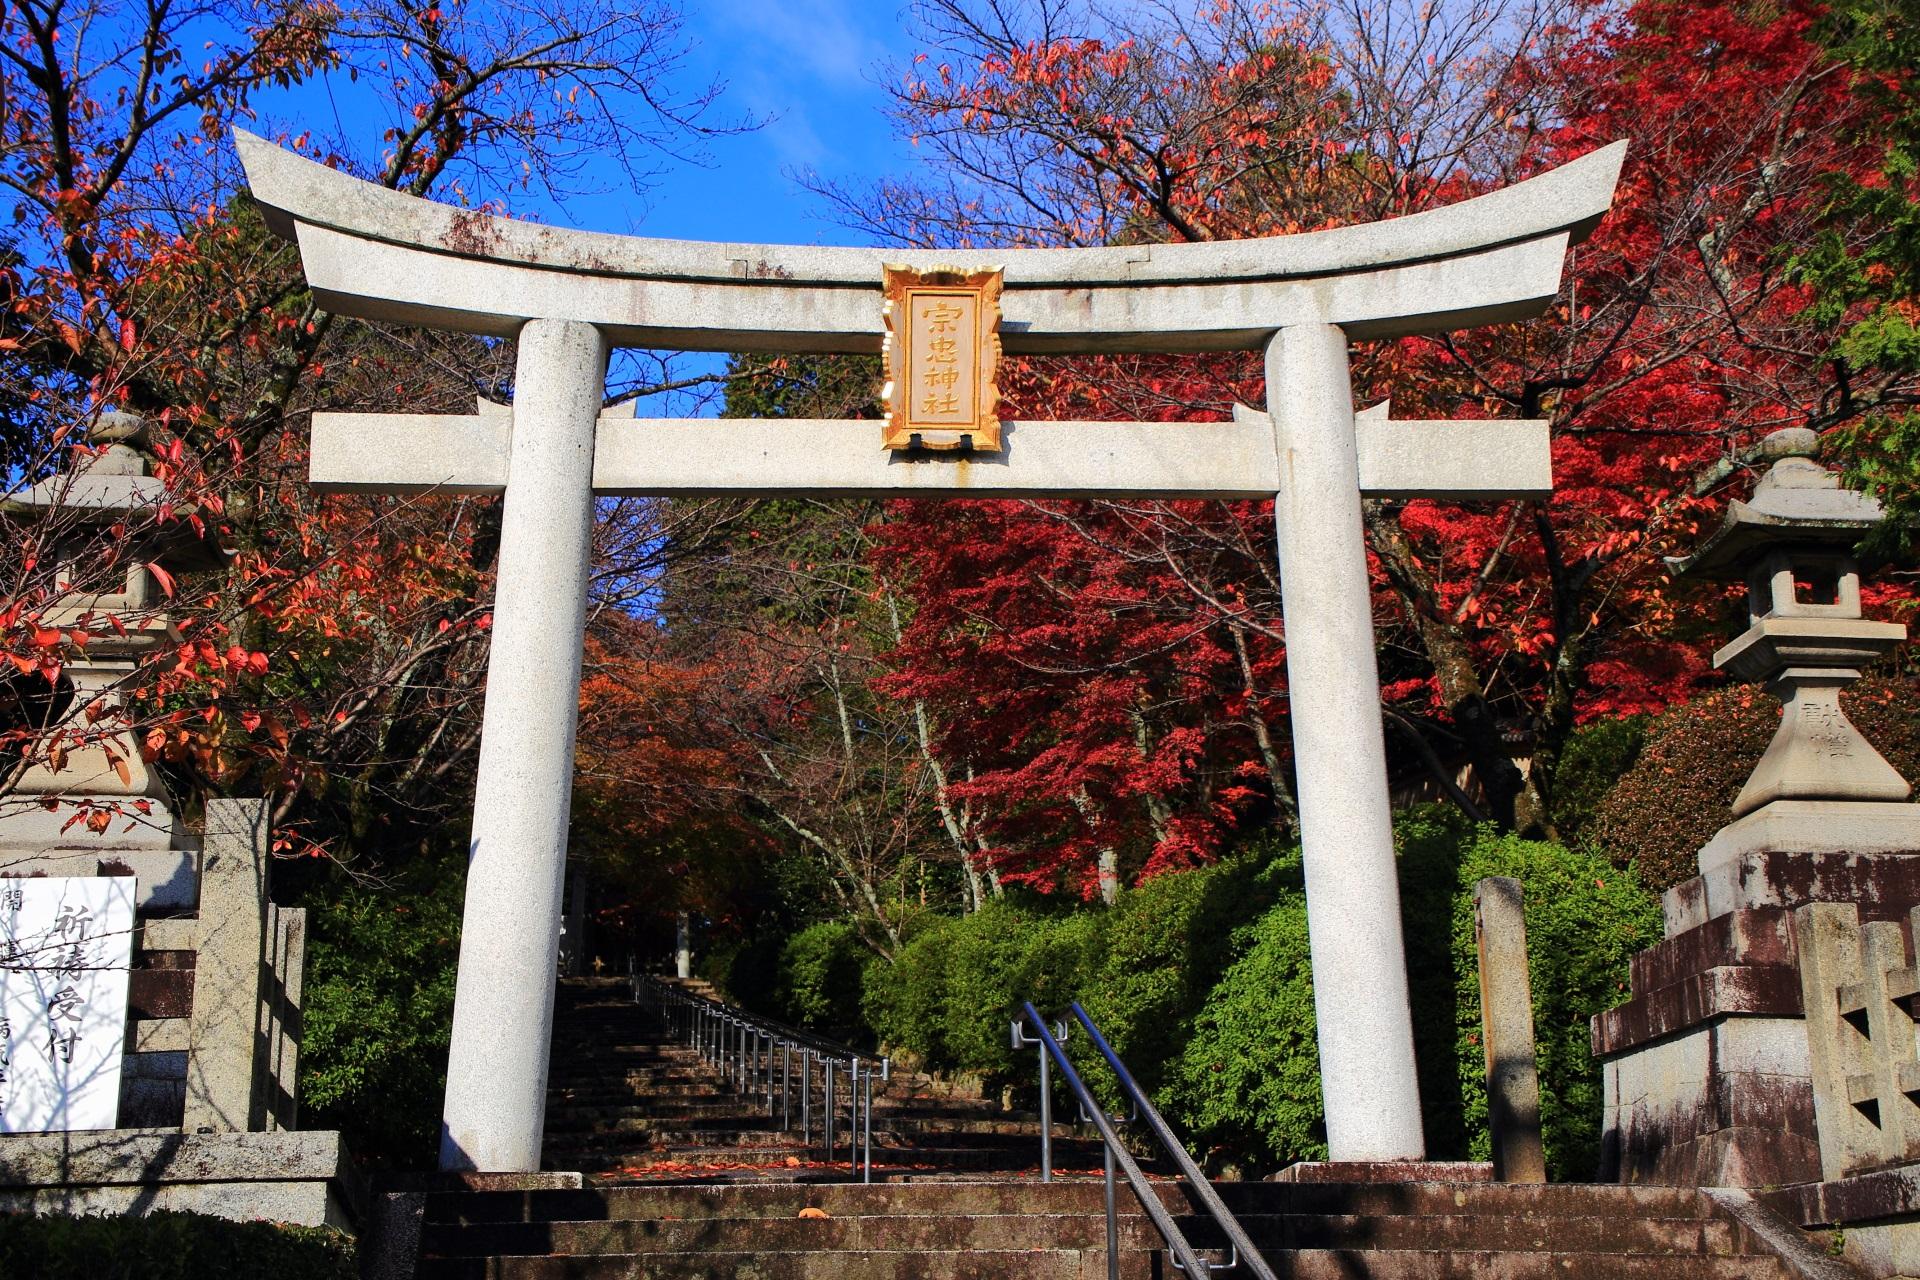 宗忠神社の鮮やかな秋色が続く石段と鳥居の紅葉